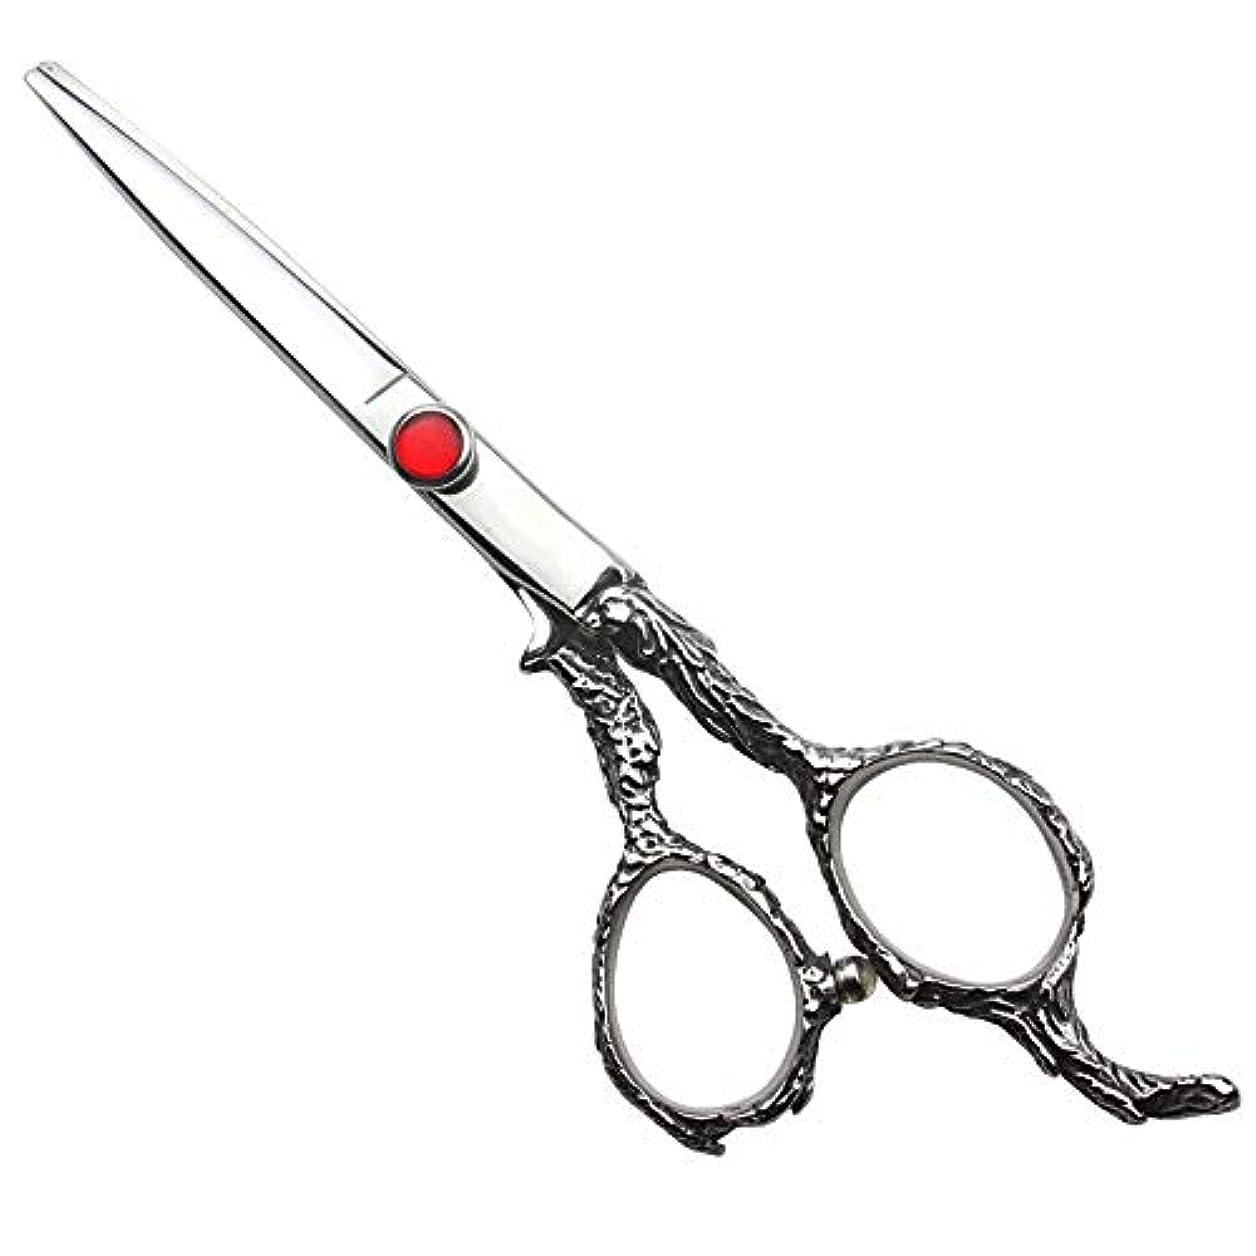 スキル最後のベーリング海峡家族6インチの理髪はさみ、美容院の専門のヘアカットの直線はさみ モデリングツール (色 : Silver)